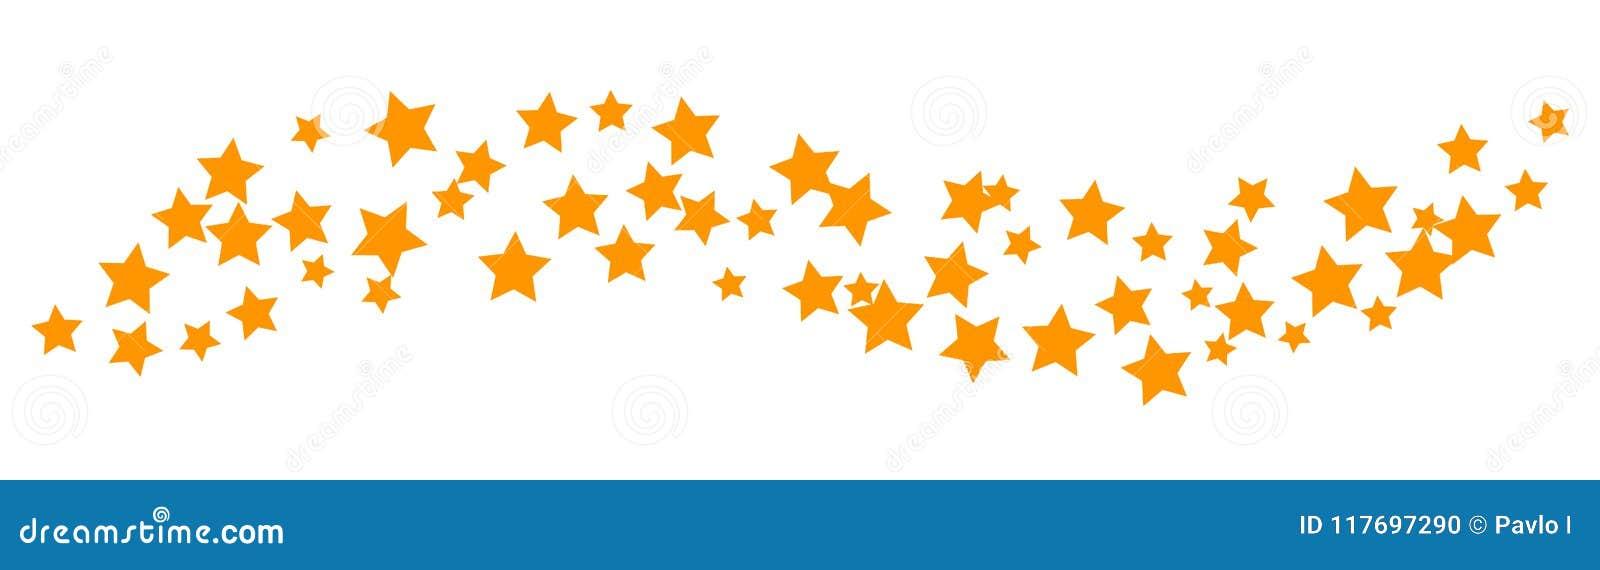 Κύμα υποβάθρου των αστεριών - διάνυσμα